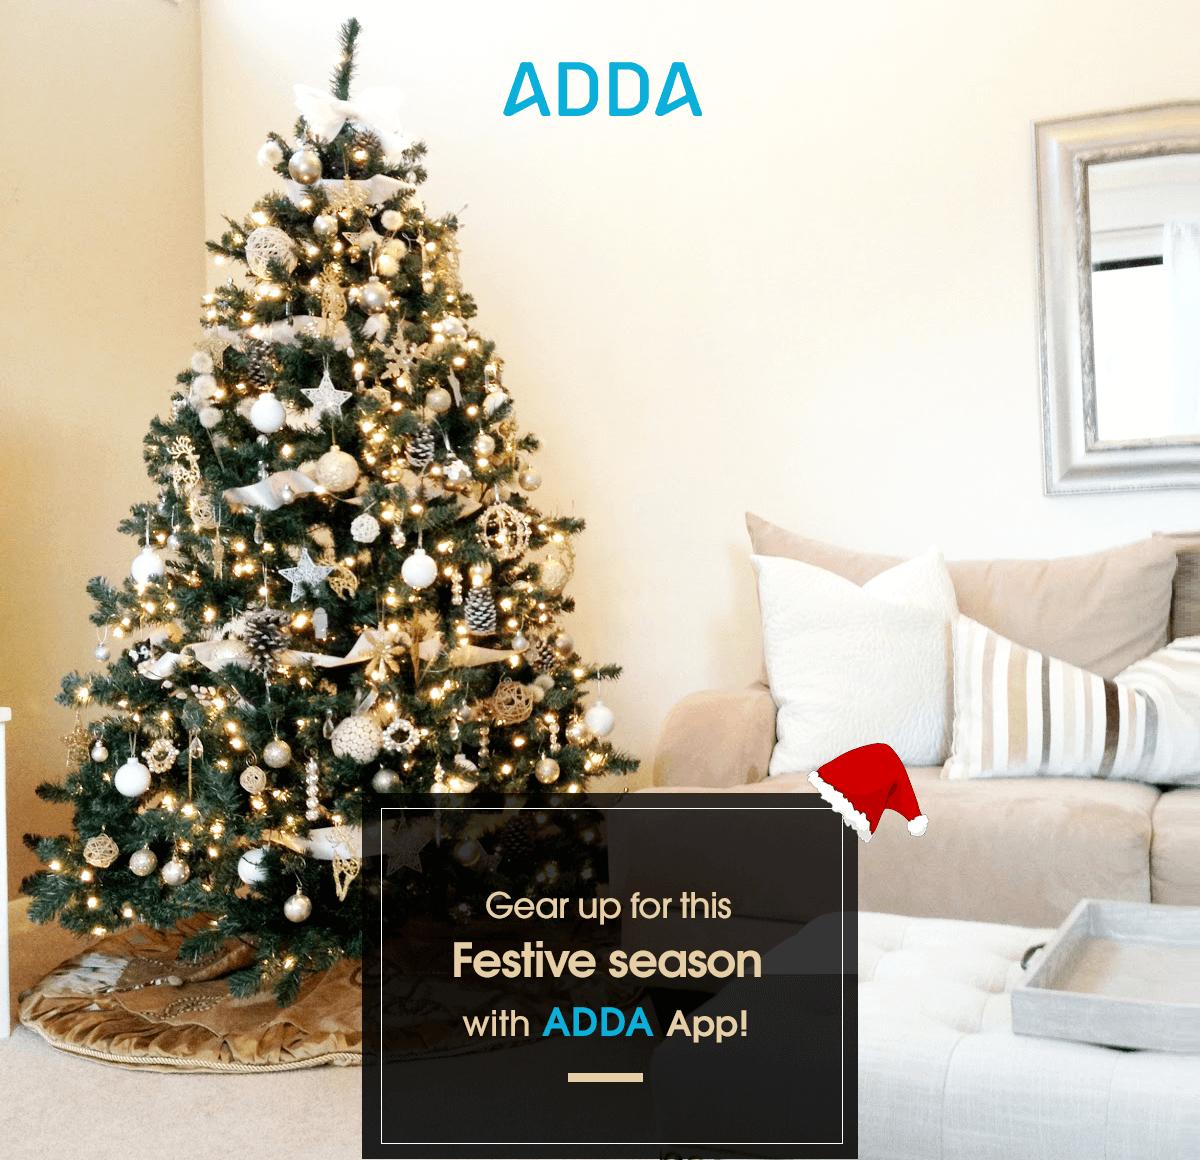 ADDA App - Christmas/New Year Genie